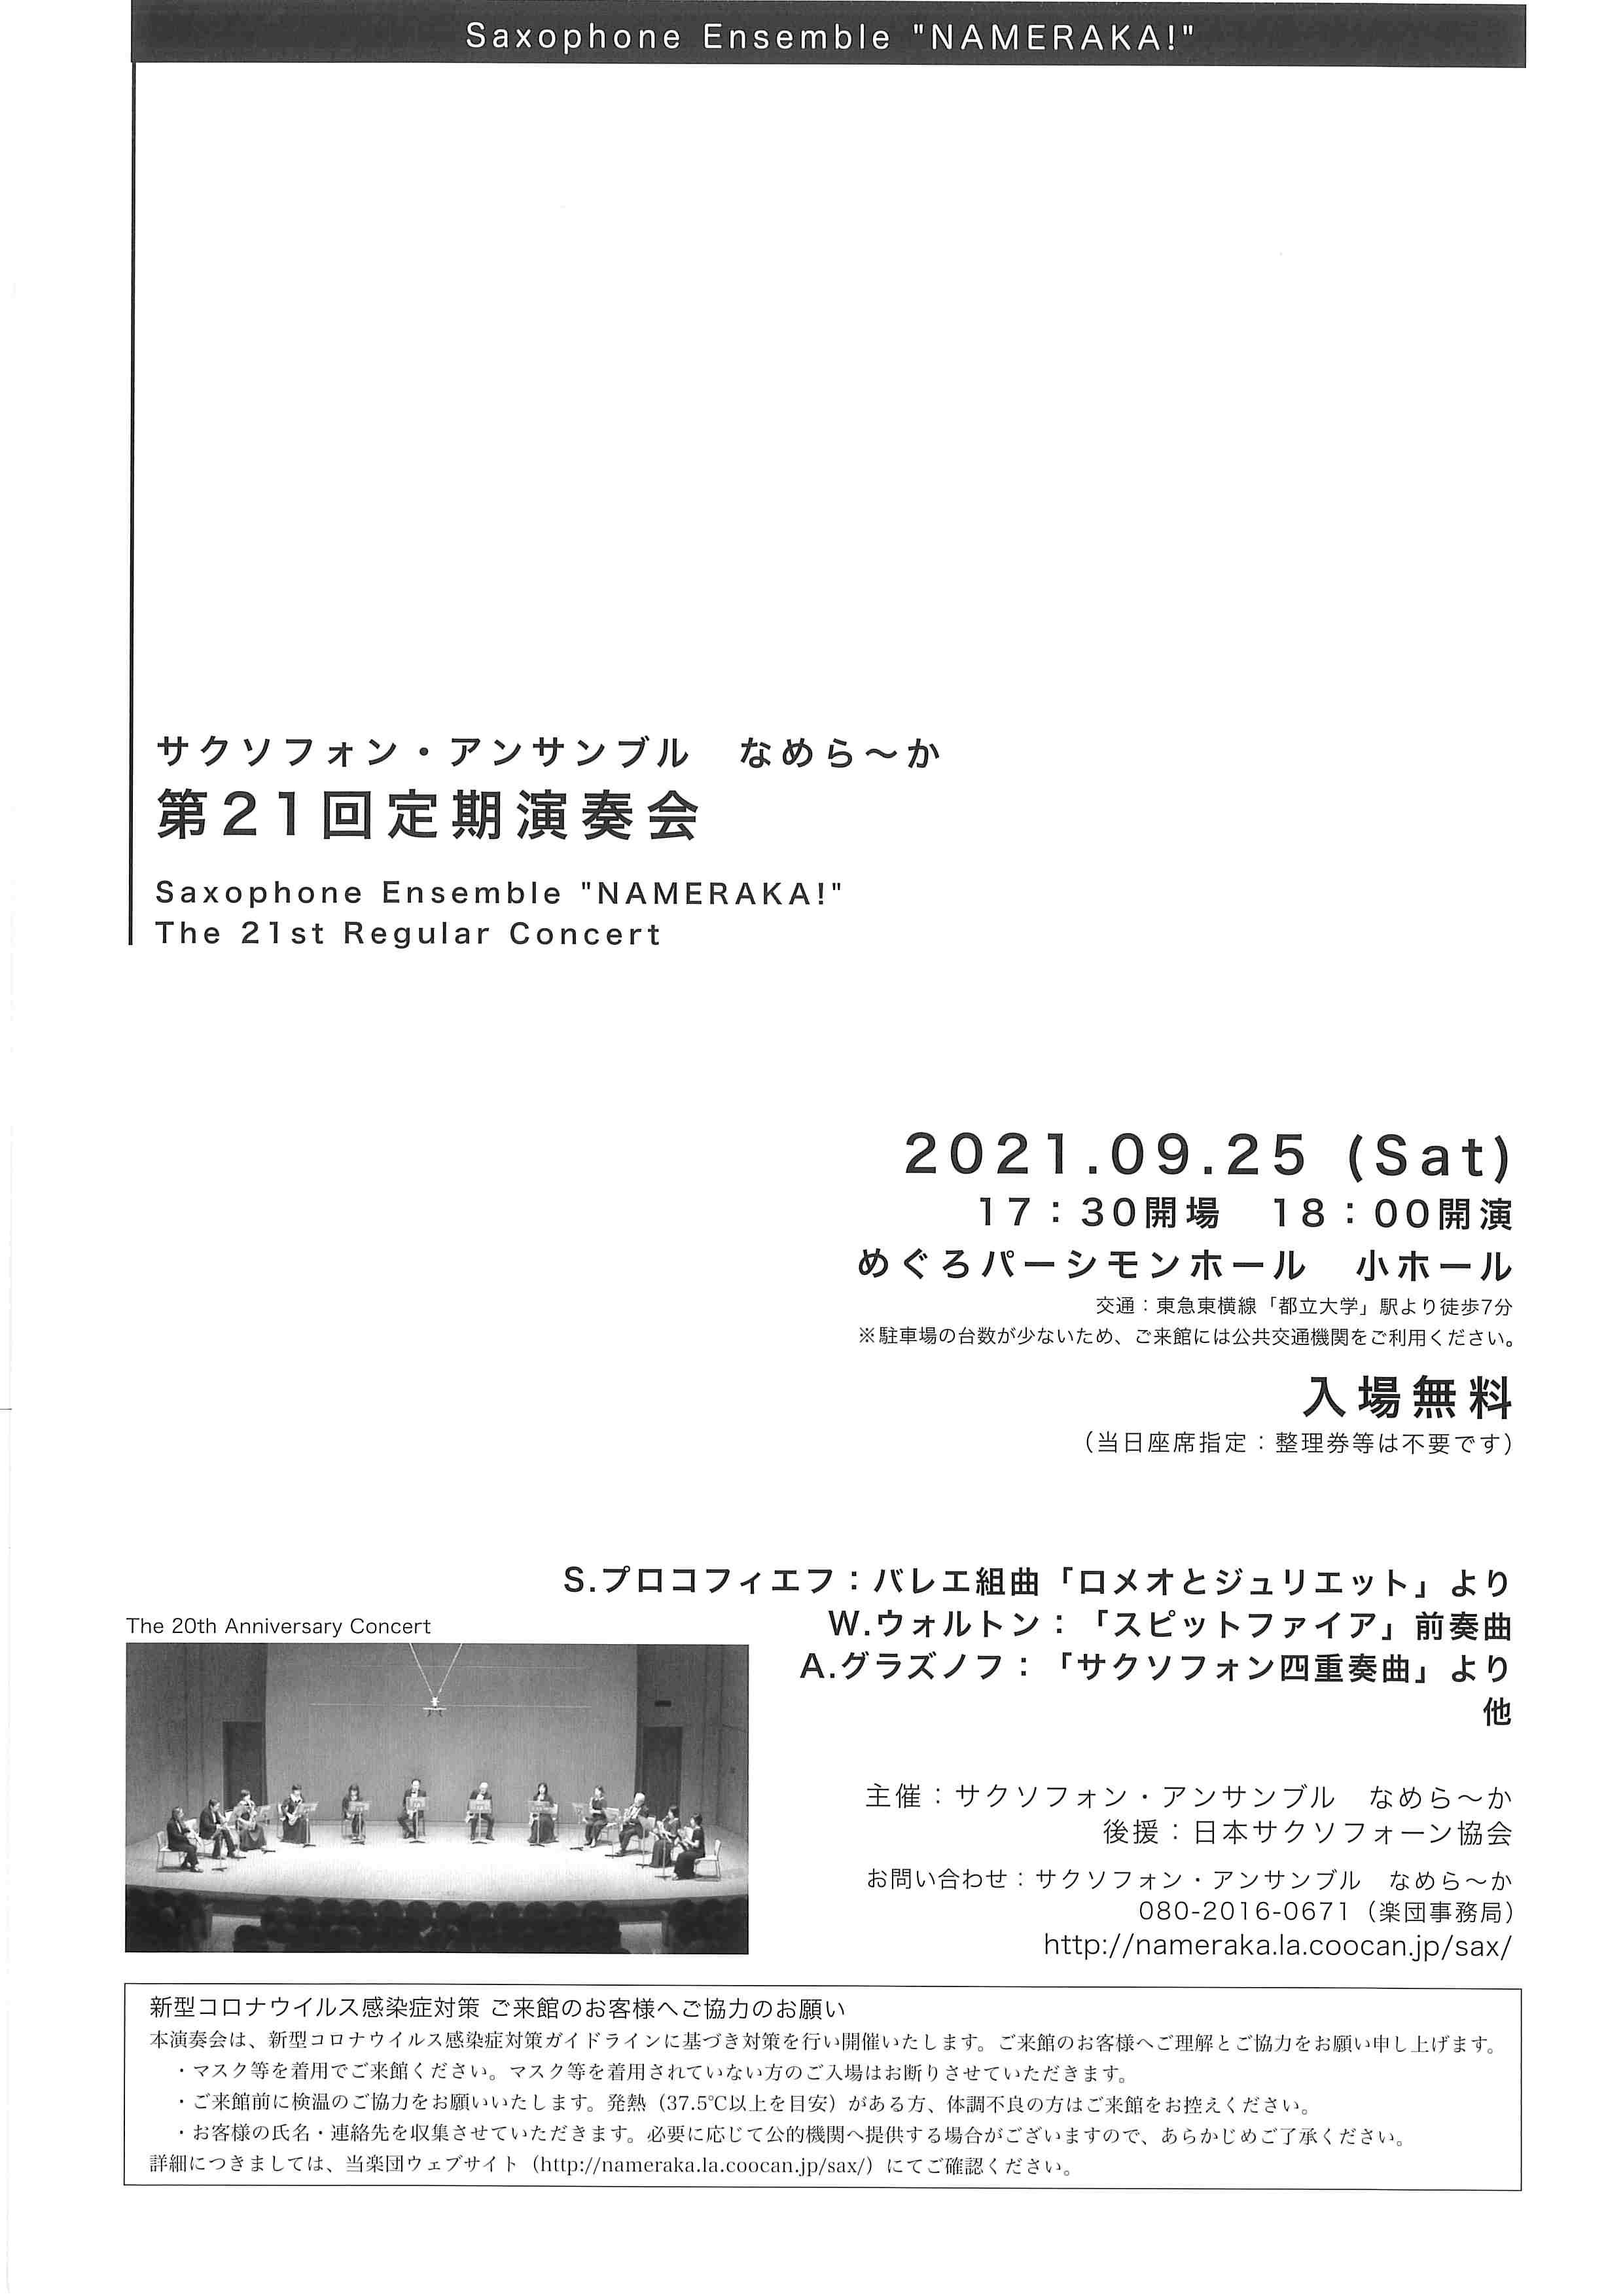 サクソフォン・アンサンブル なめら~か 第21回定期演奏会